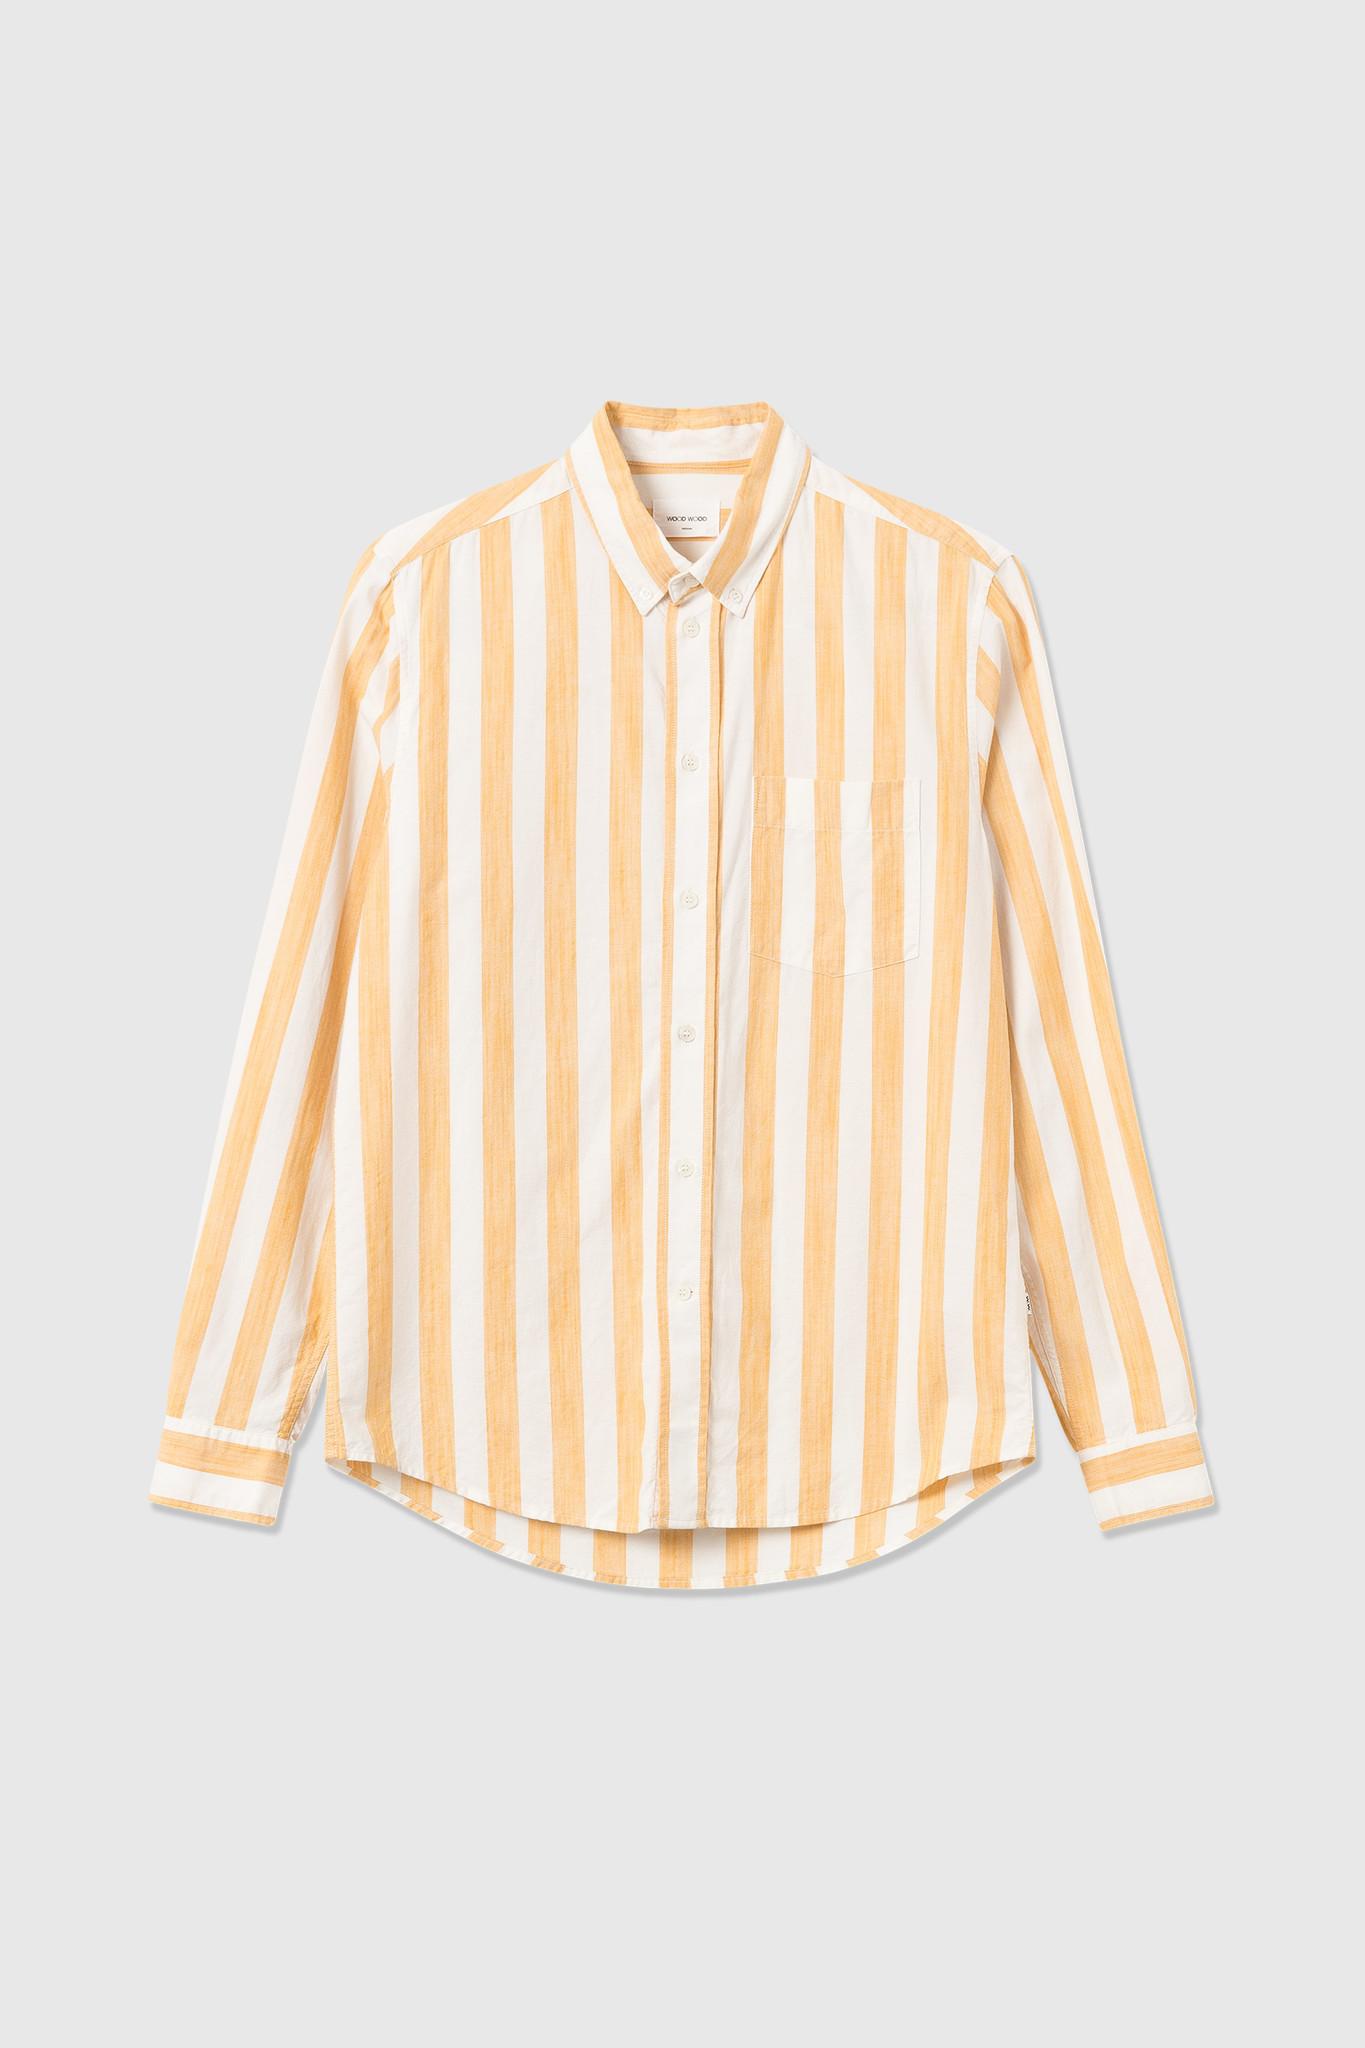 Adam Wide Stripe Shirt wit Geel-1